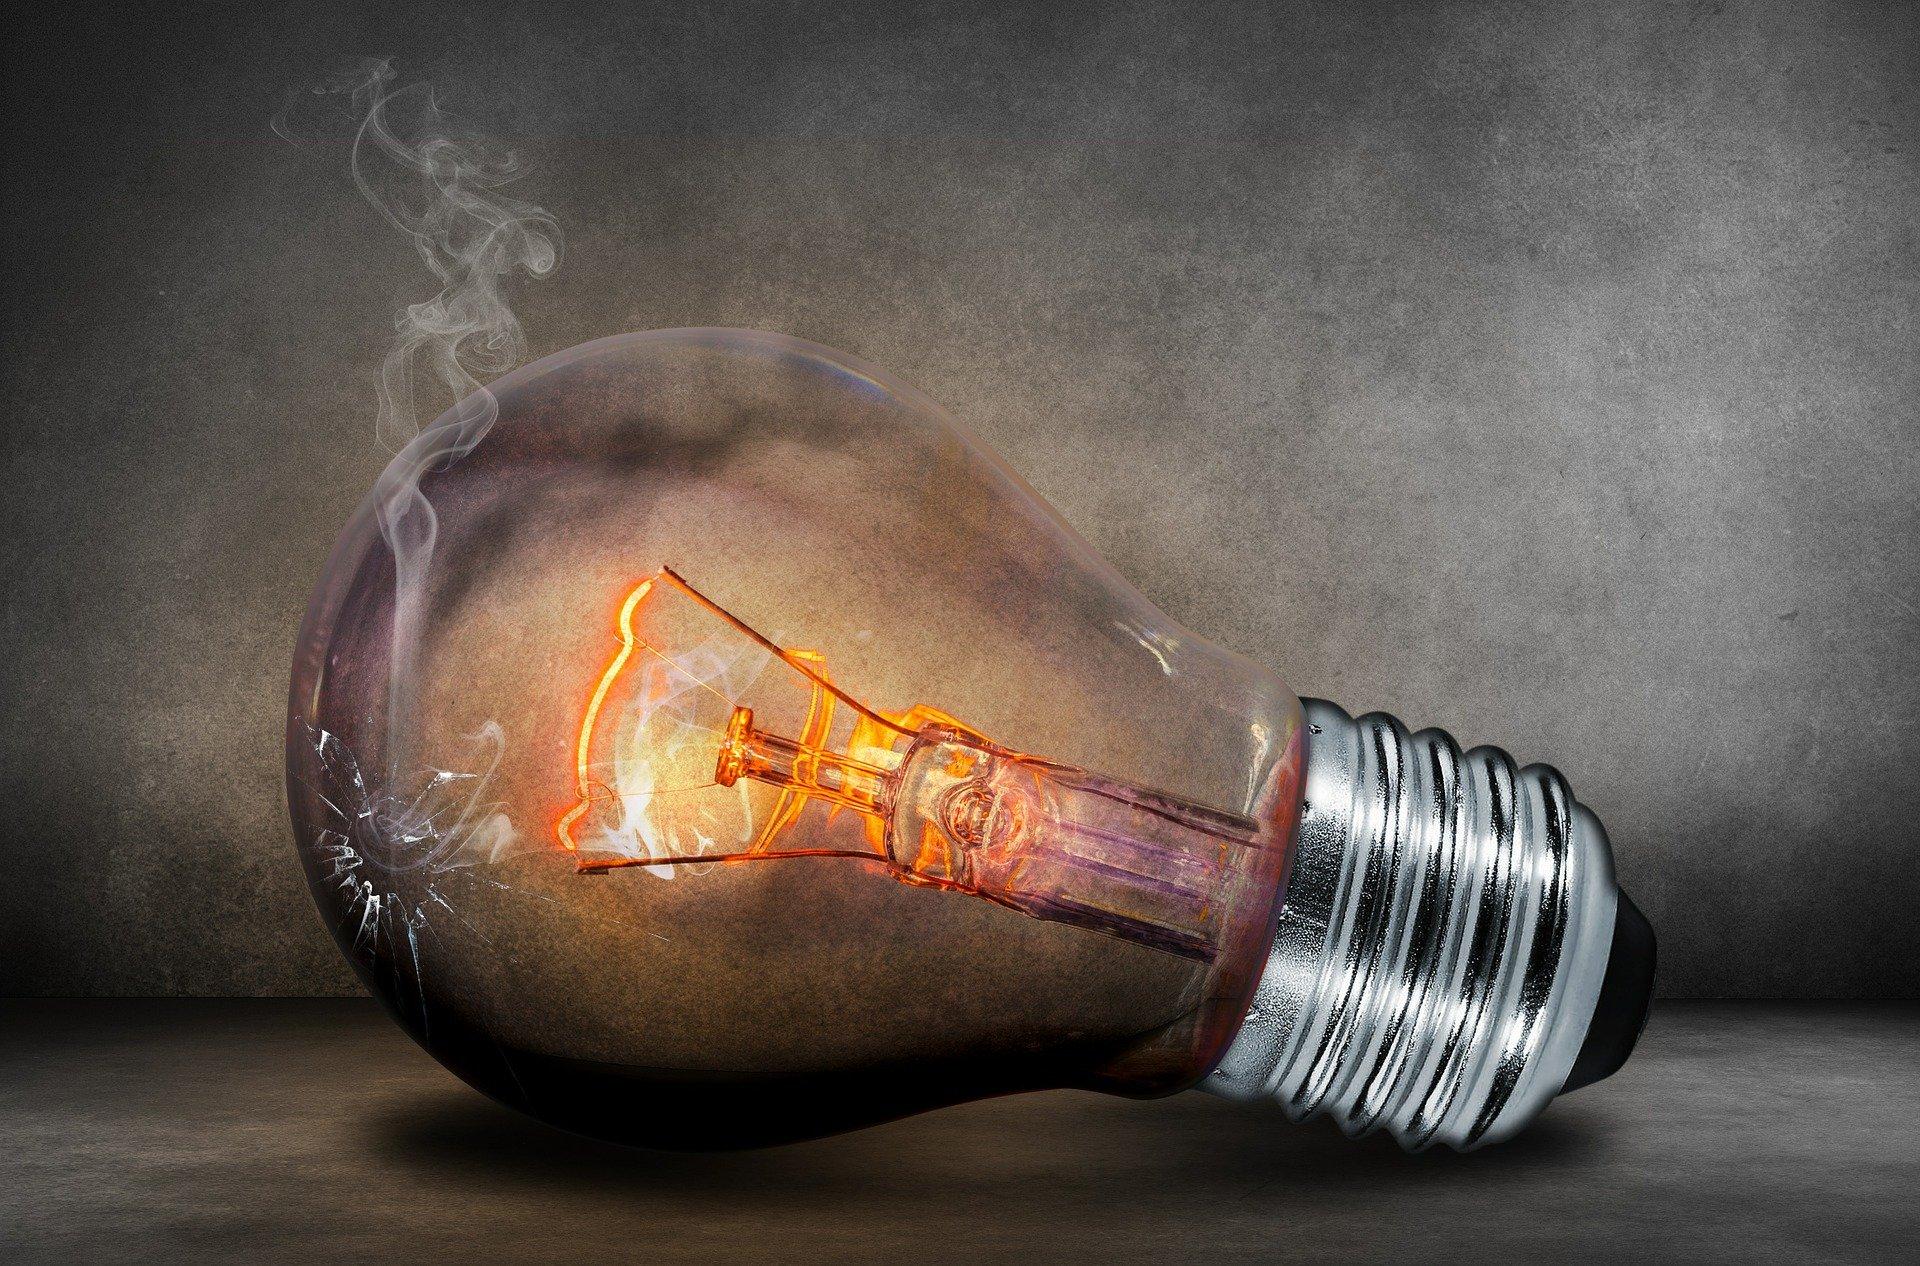 Ampoule grillée